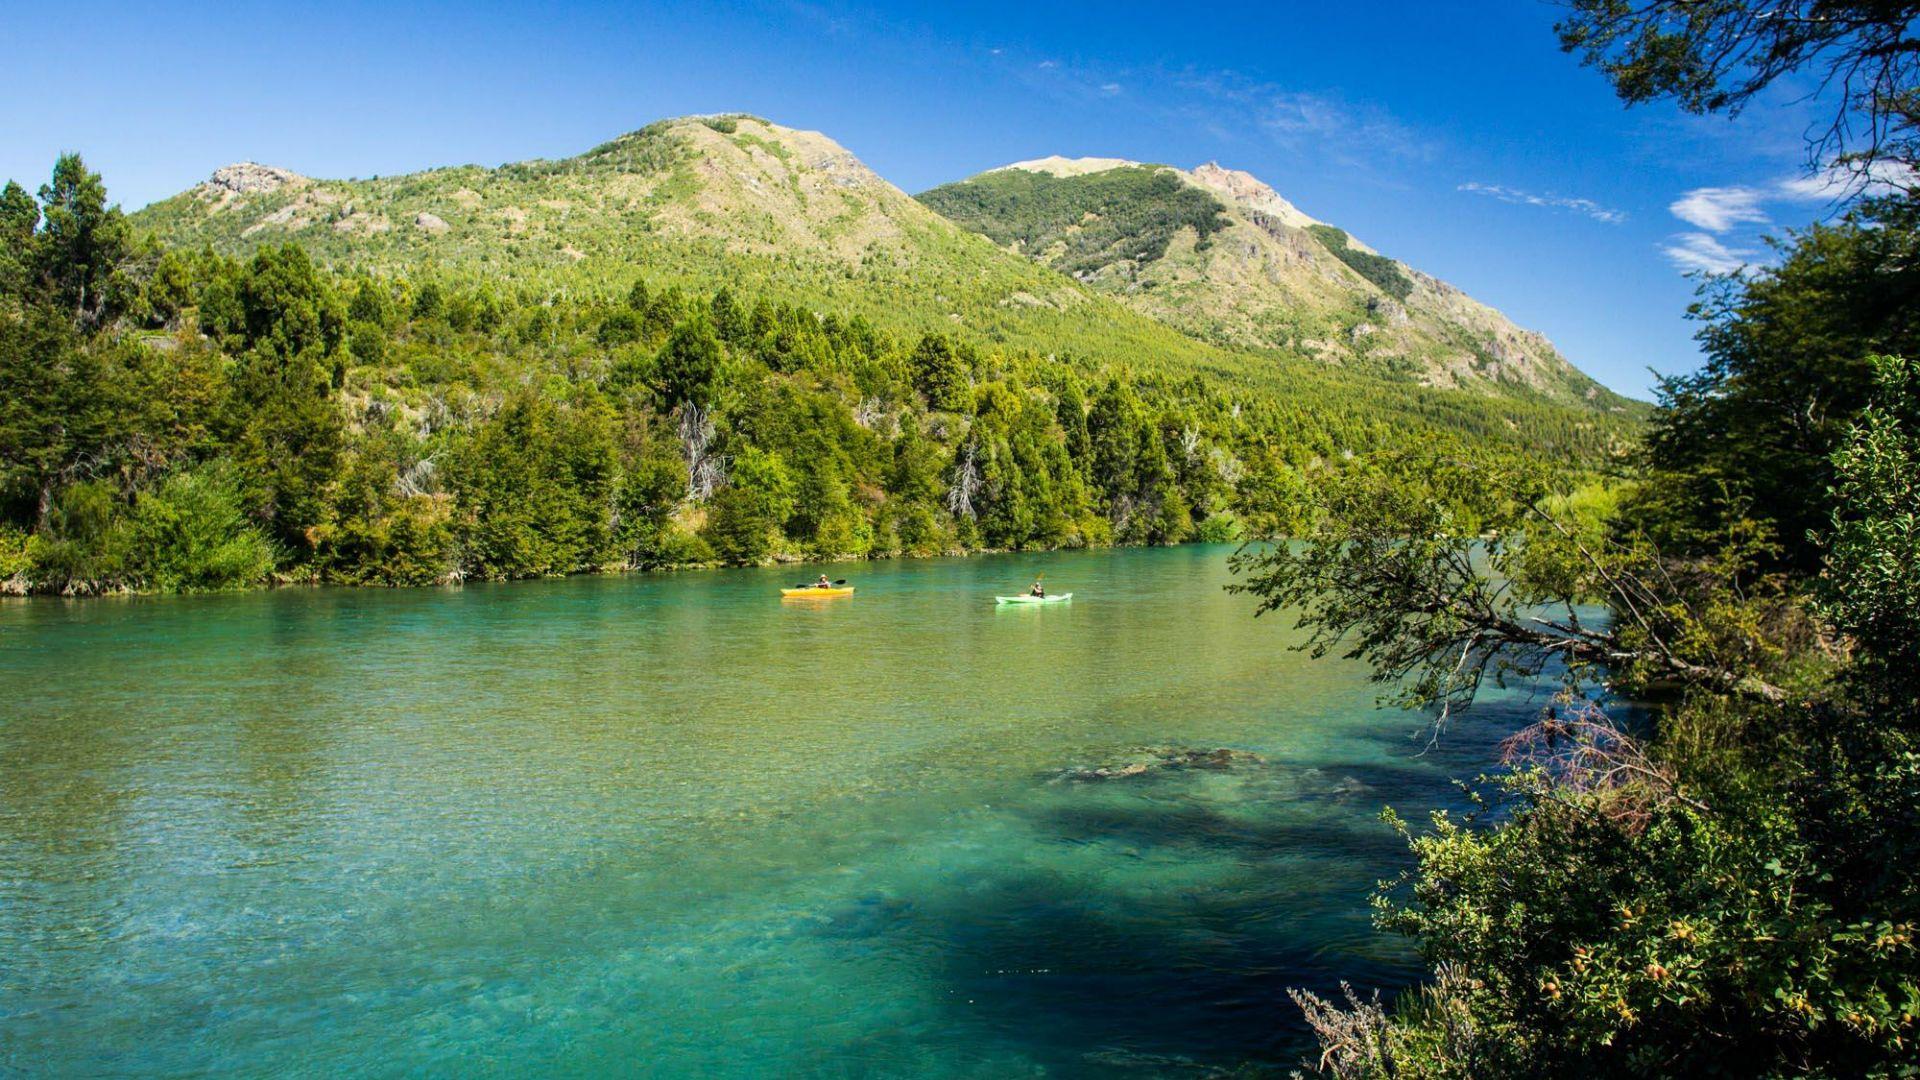 Diez parques nacionales de Argentina para disfrutar en verano